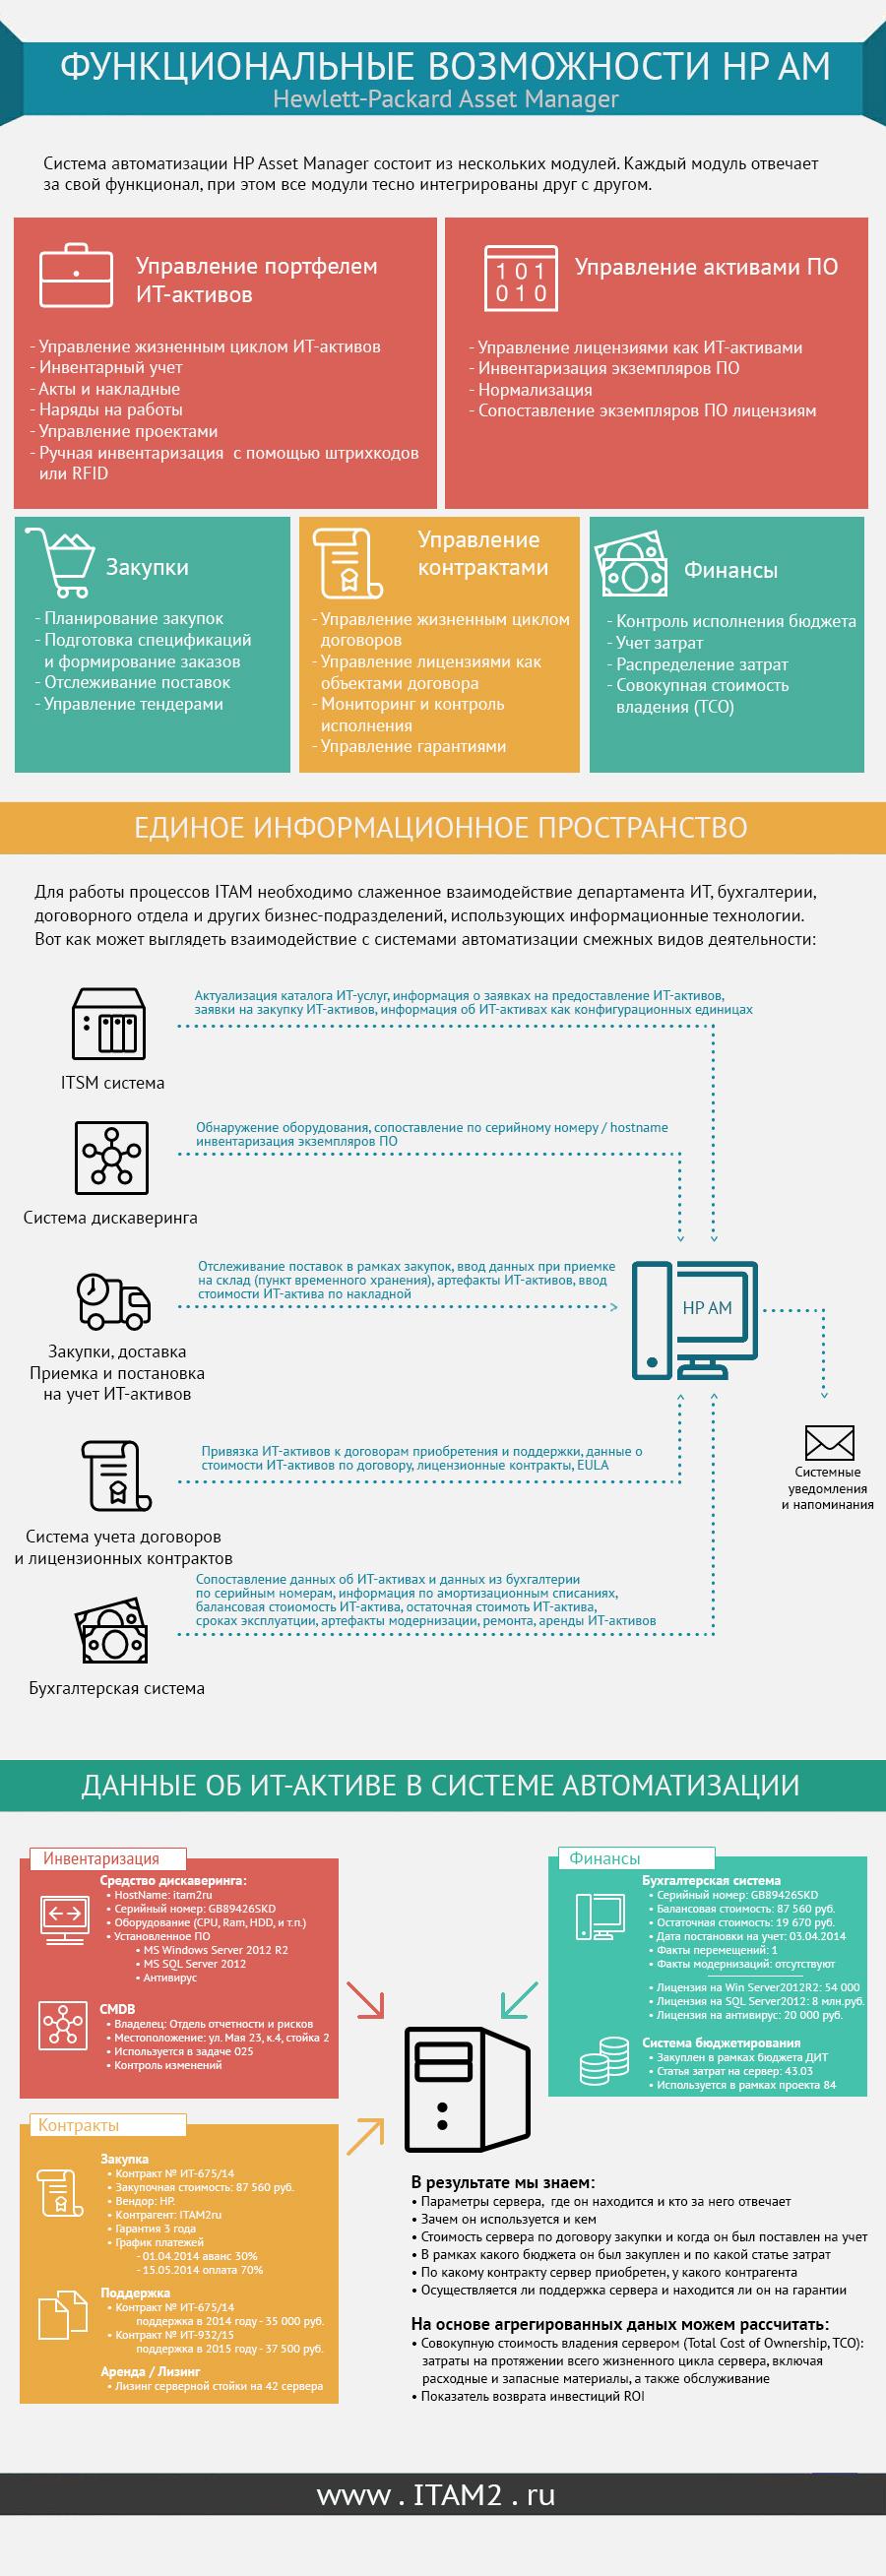 инфографика Функциональные возможности HP Asset Manager